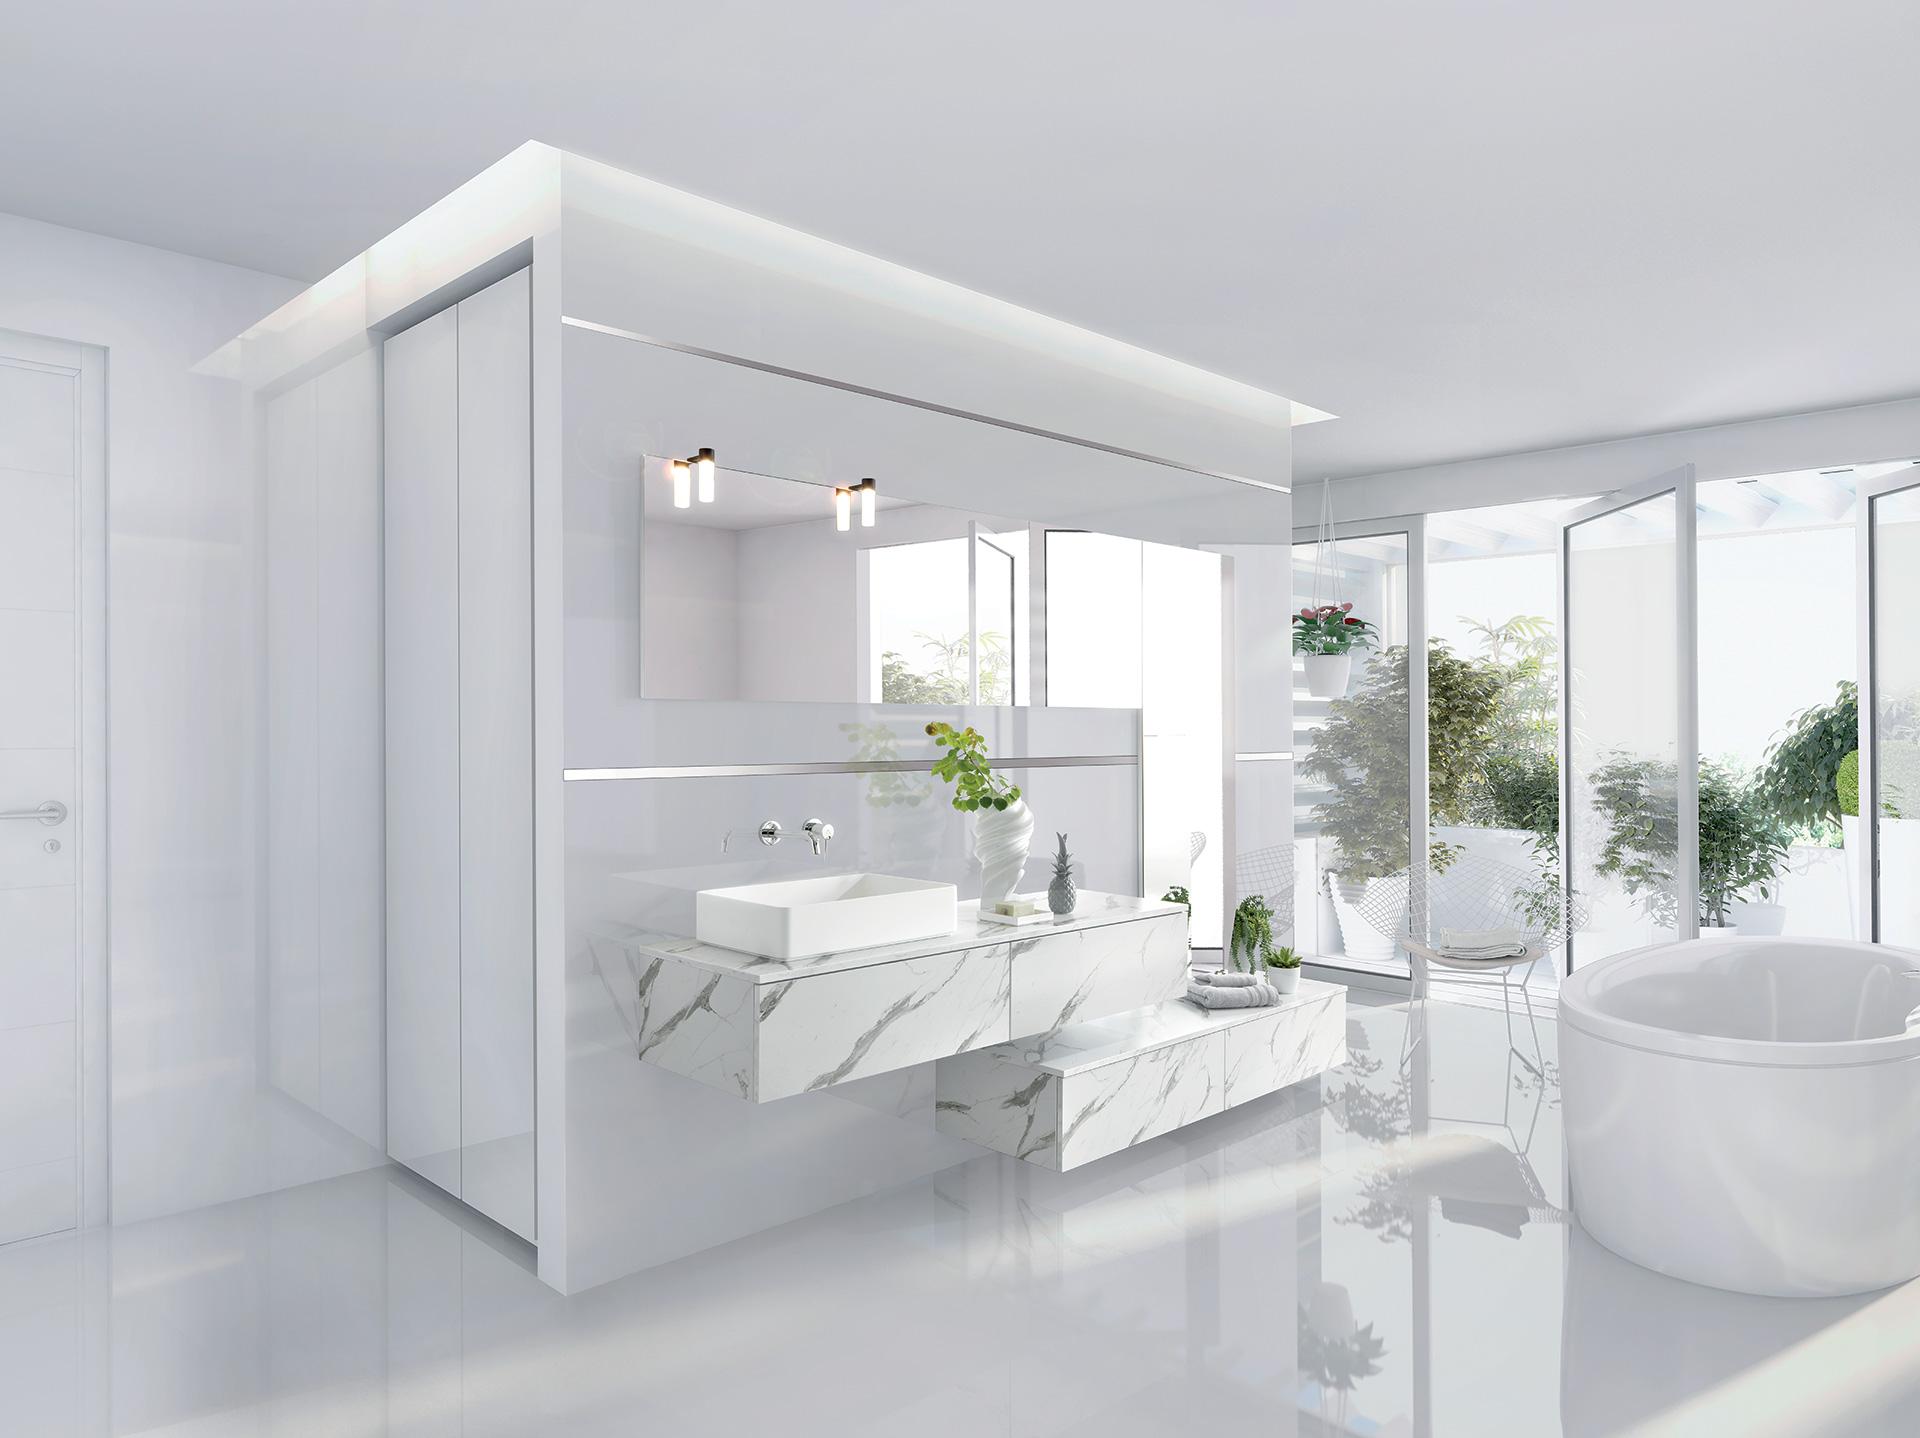 Vue de la salle de bains Arcos Edition coloris gris clair marbré avec l'ensemble bain destructuré, la baignoire ovale, et des plantes vertes.